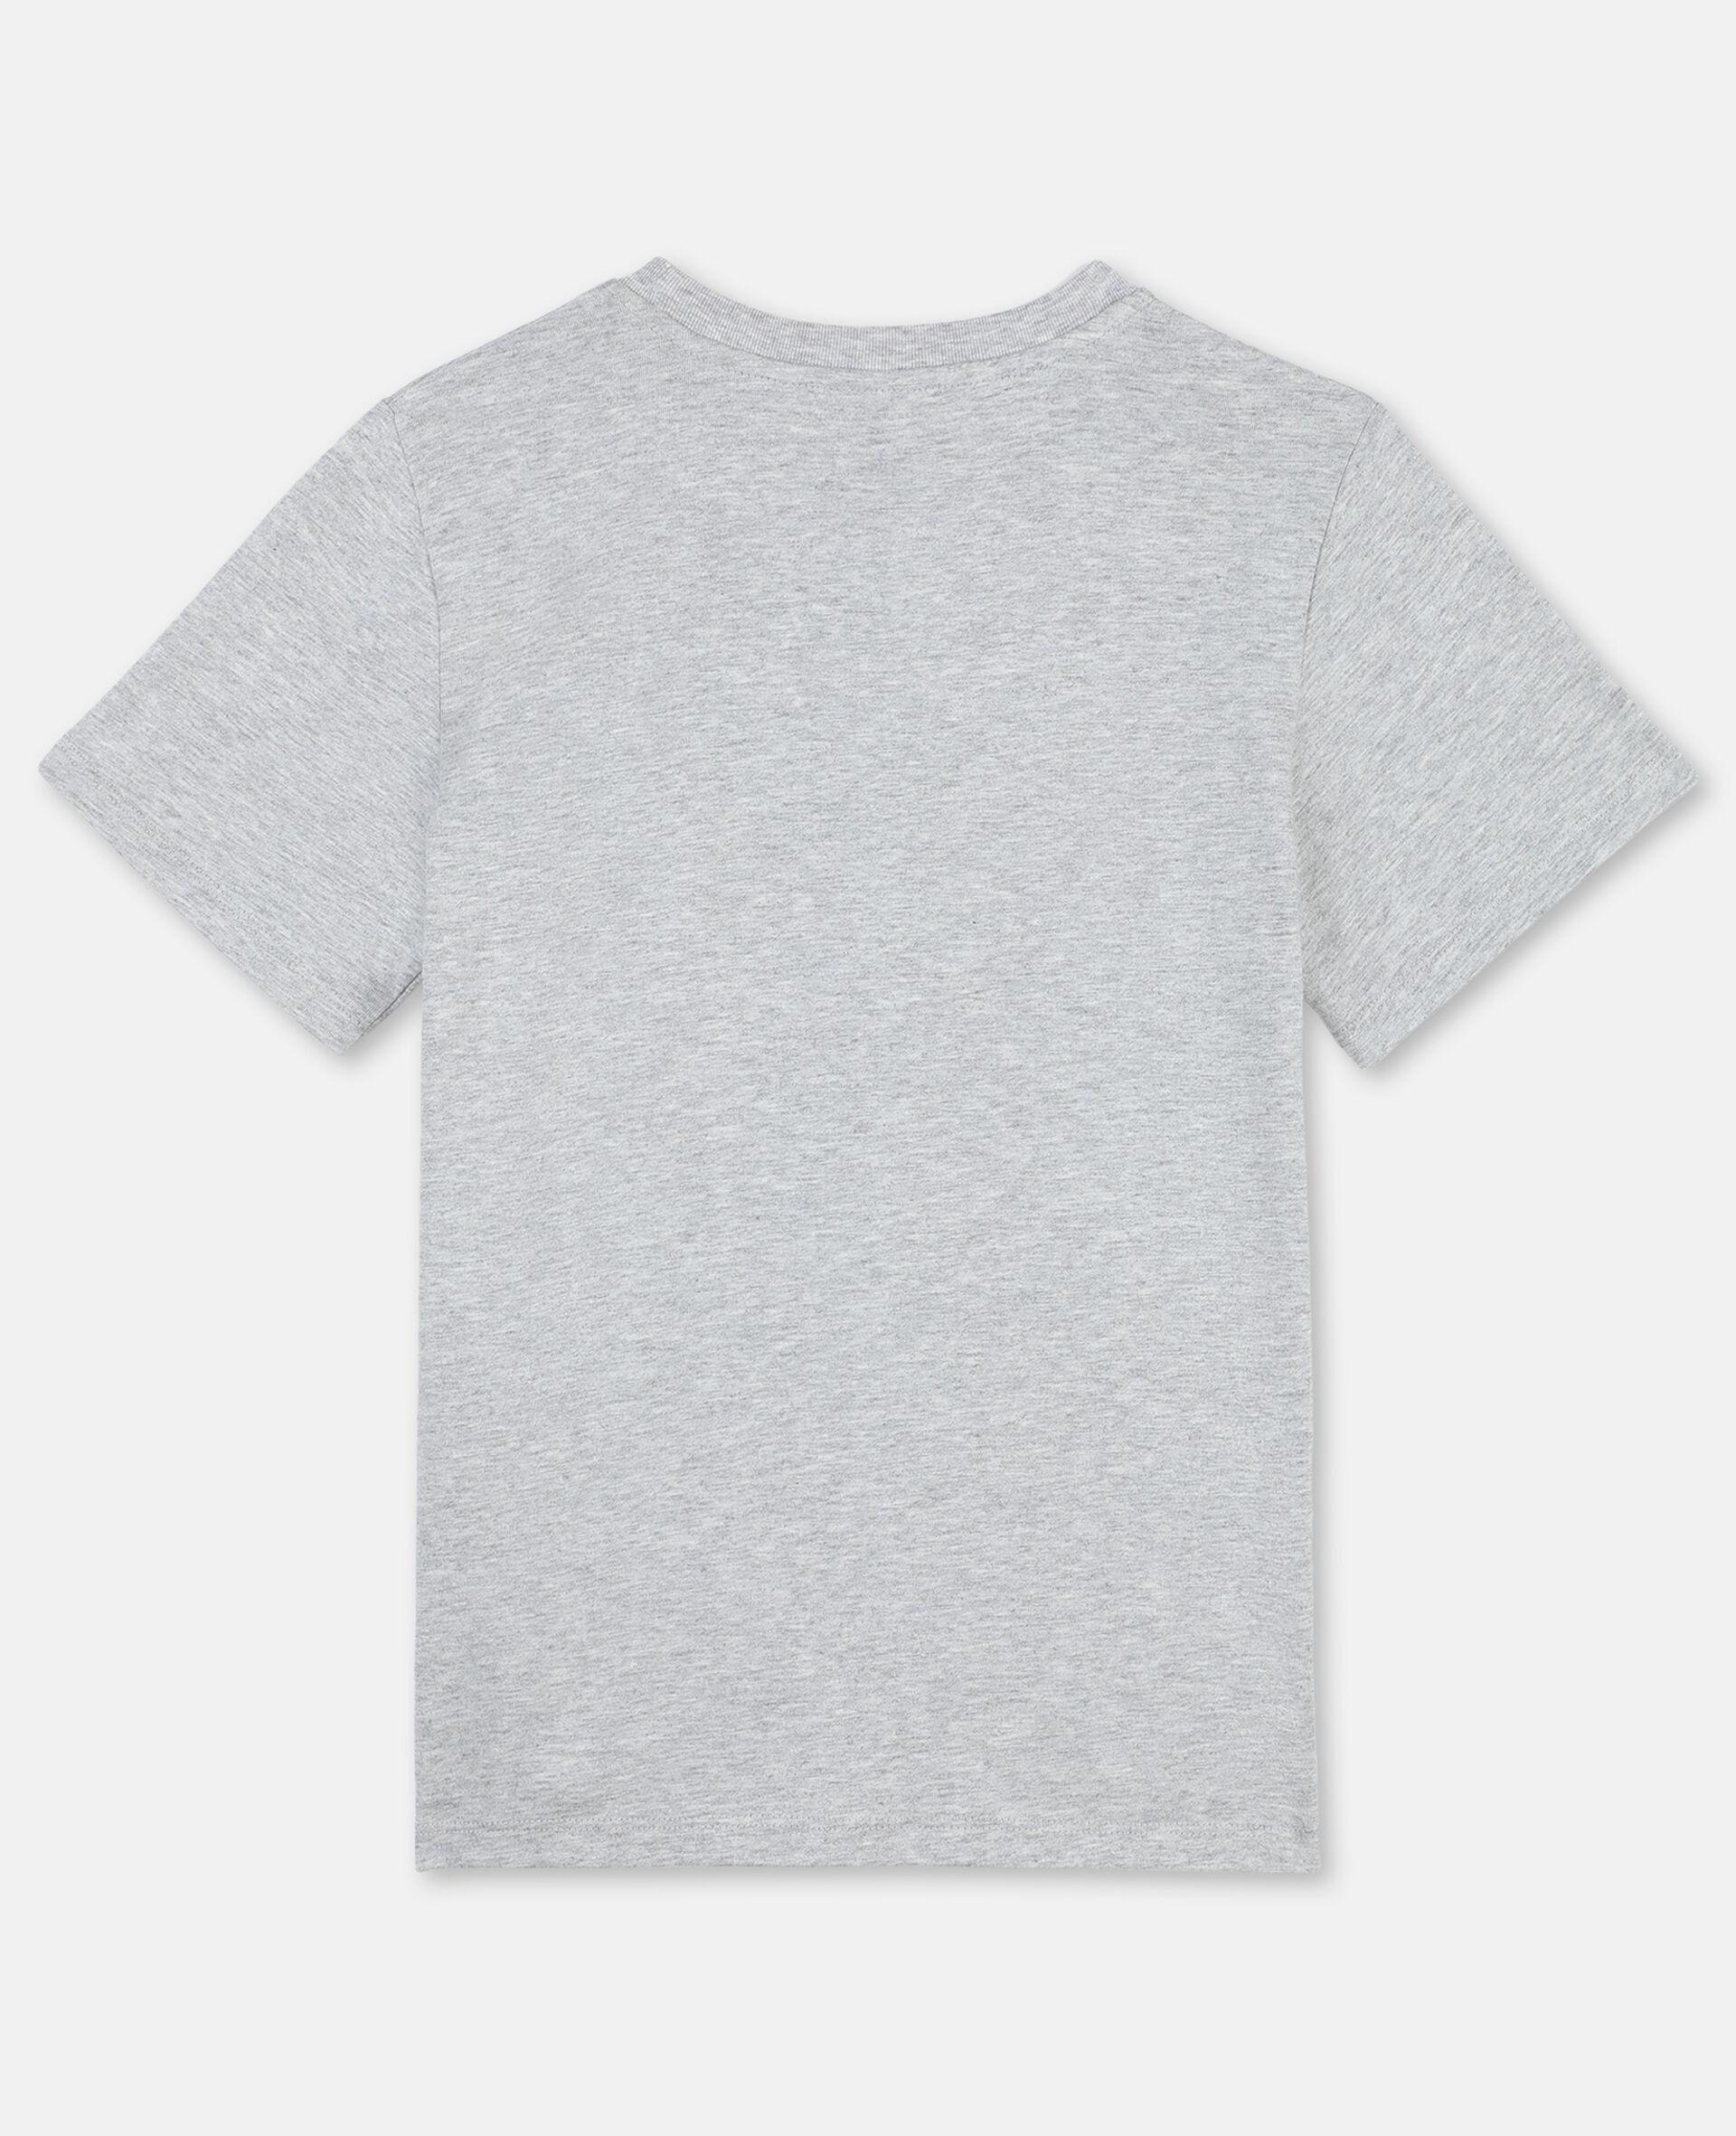 ポーズ アップ コットン Tシャツ -グレー-large image number 3